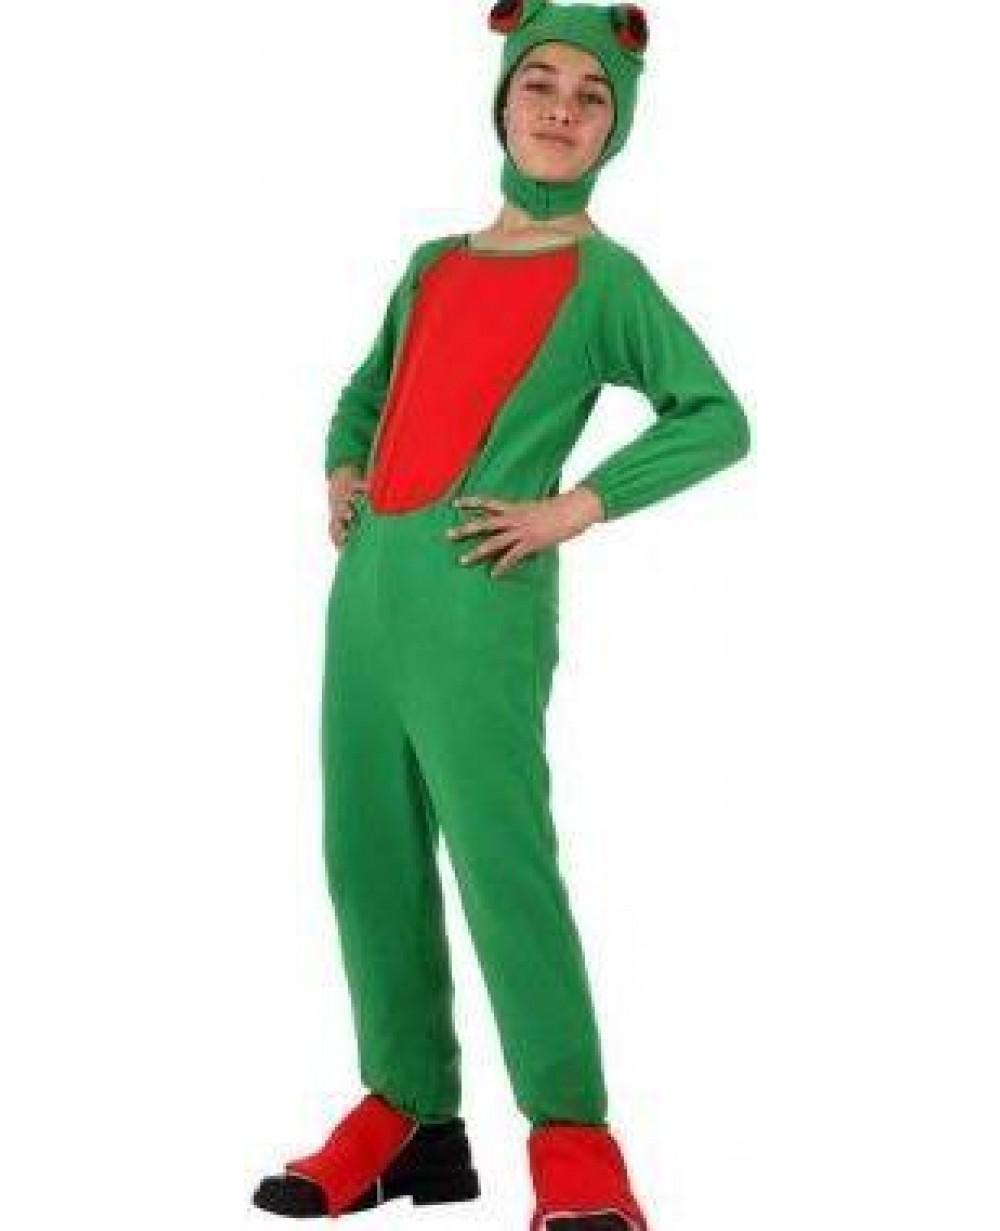 Il negozio online giochi carnevale scuola costume da rana t 4 carnevale - Costume da bagno traduzione ...